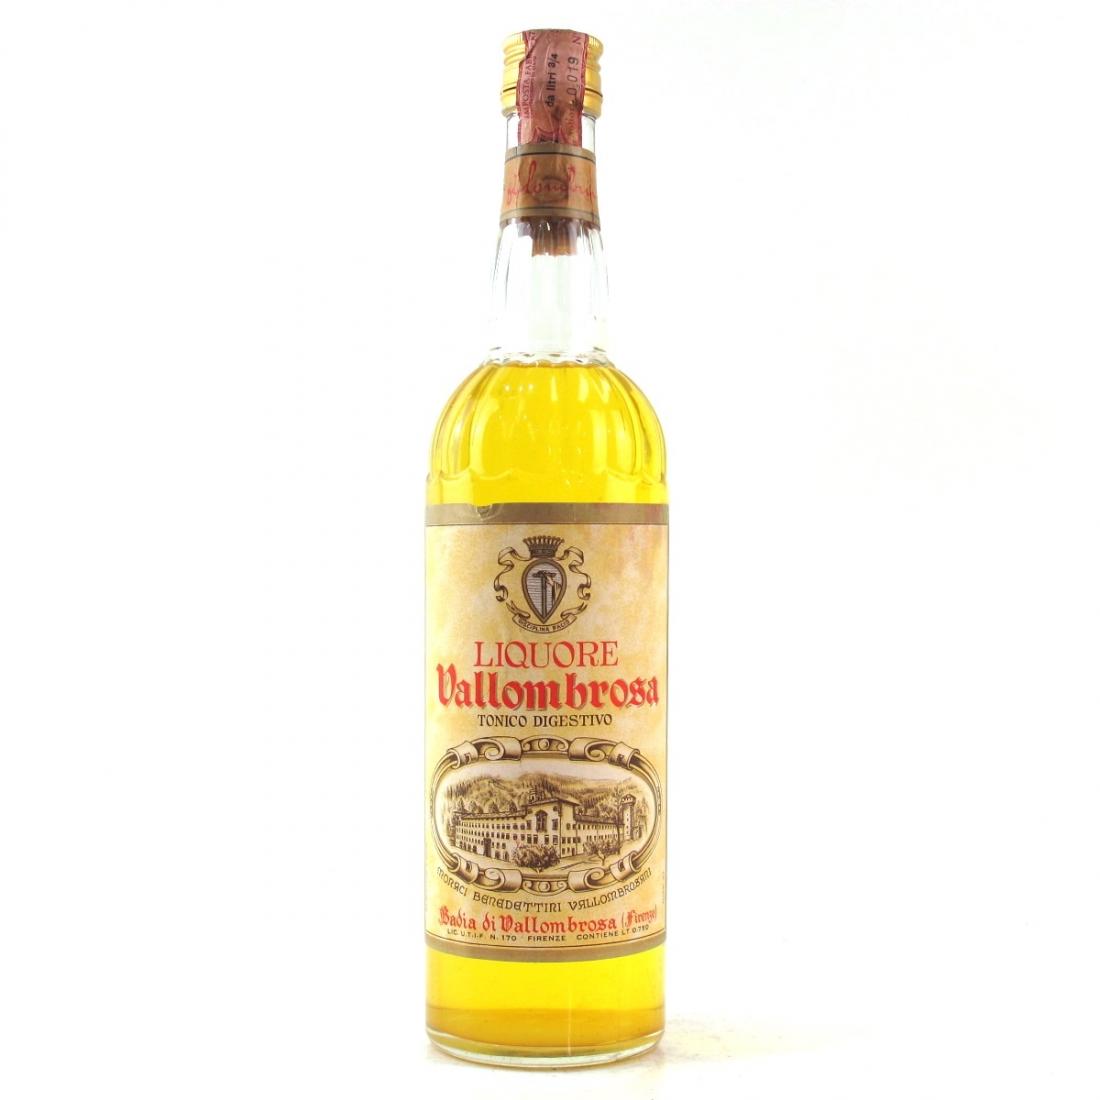 Vallombrosa Liquore Tonico Digestivo